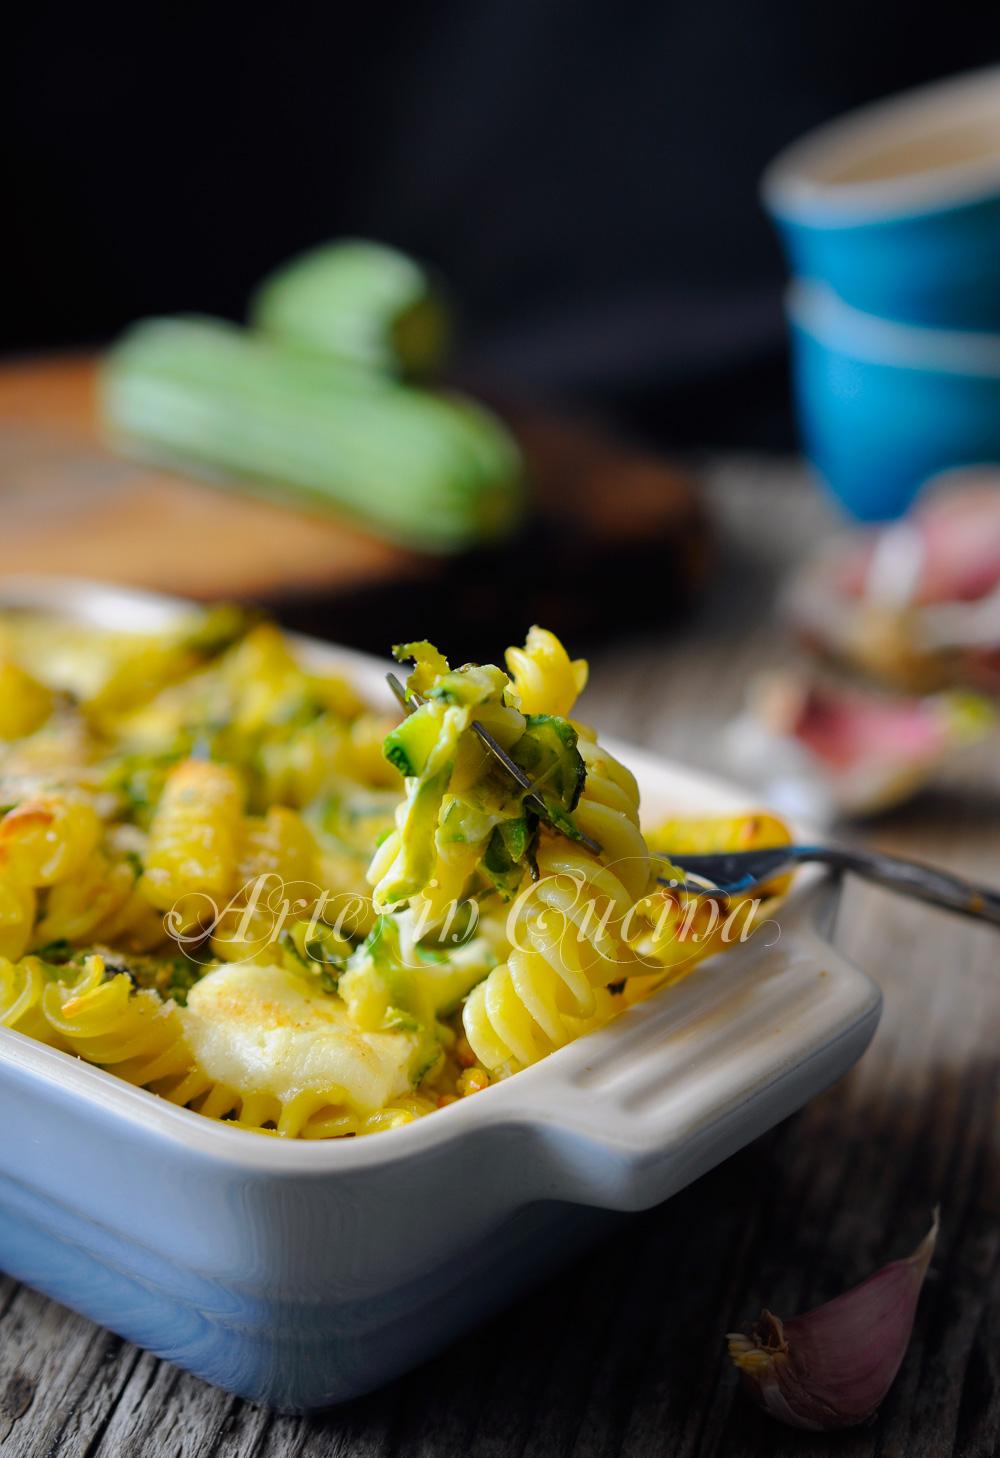 Fusilli con zucchine e provola gratinati al forno vckyart arte in cucina